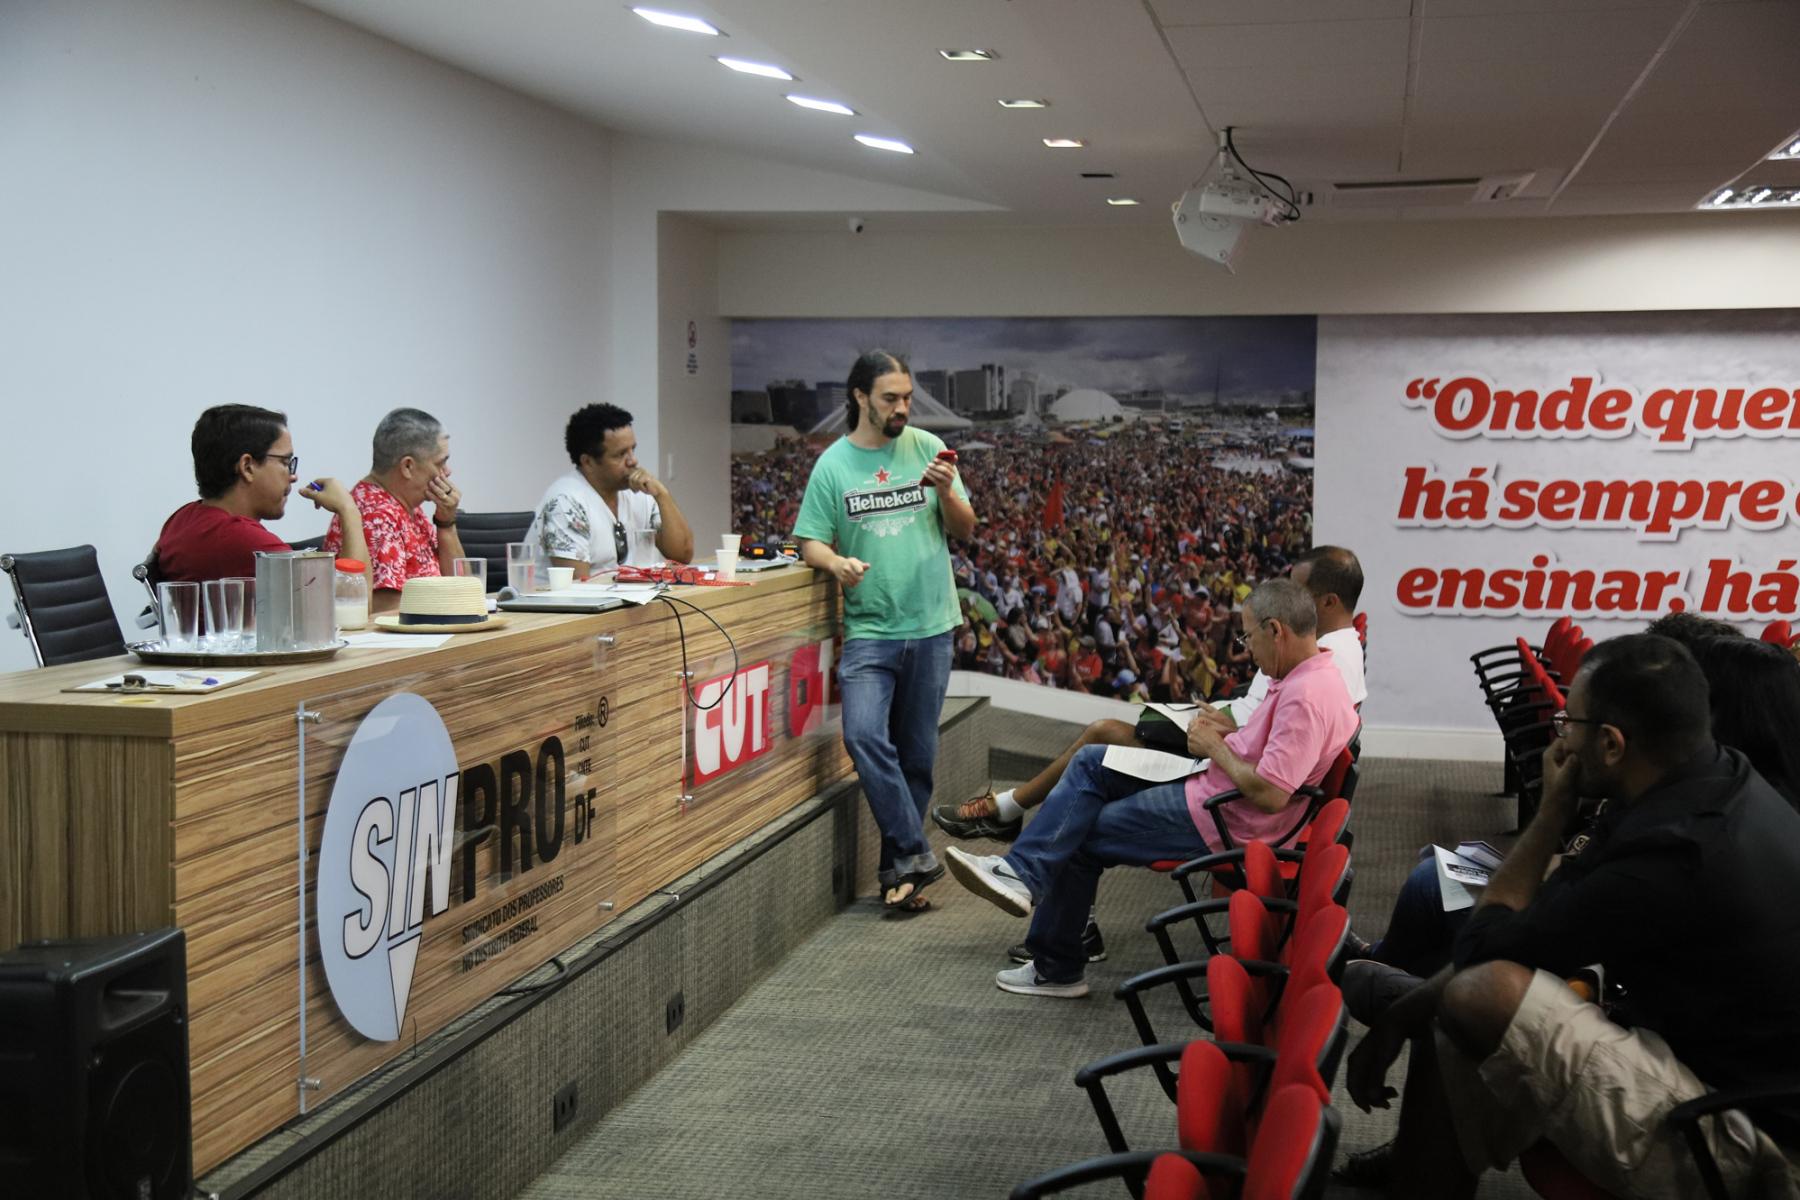 2019.01.17-Reuniao-sobre-Militarizacao-das-escolas-26